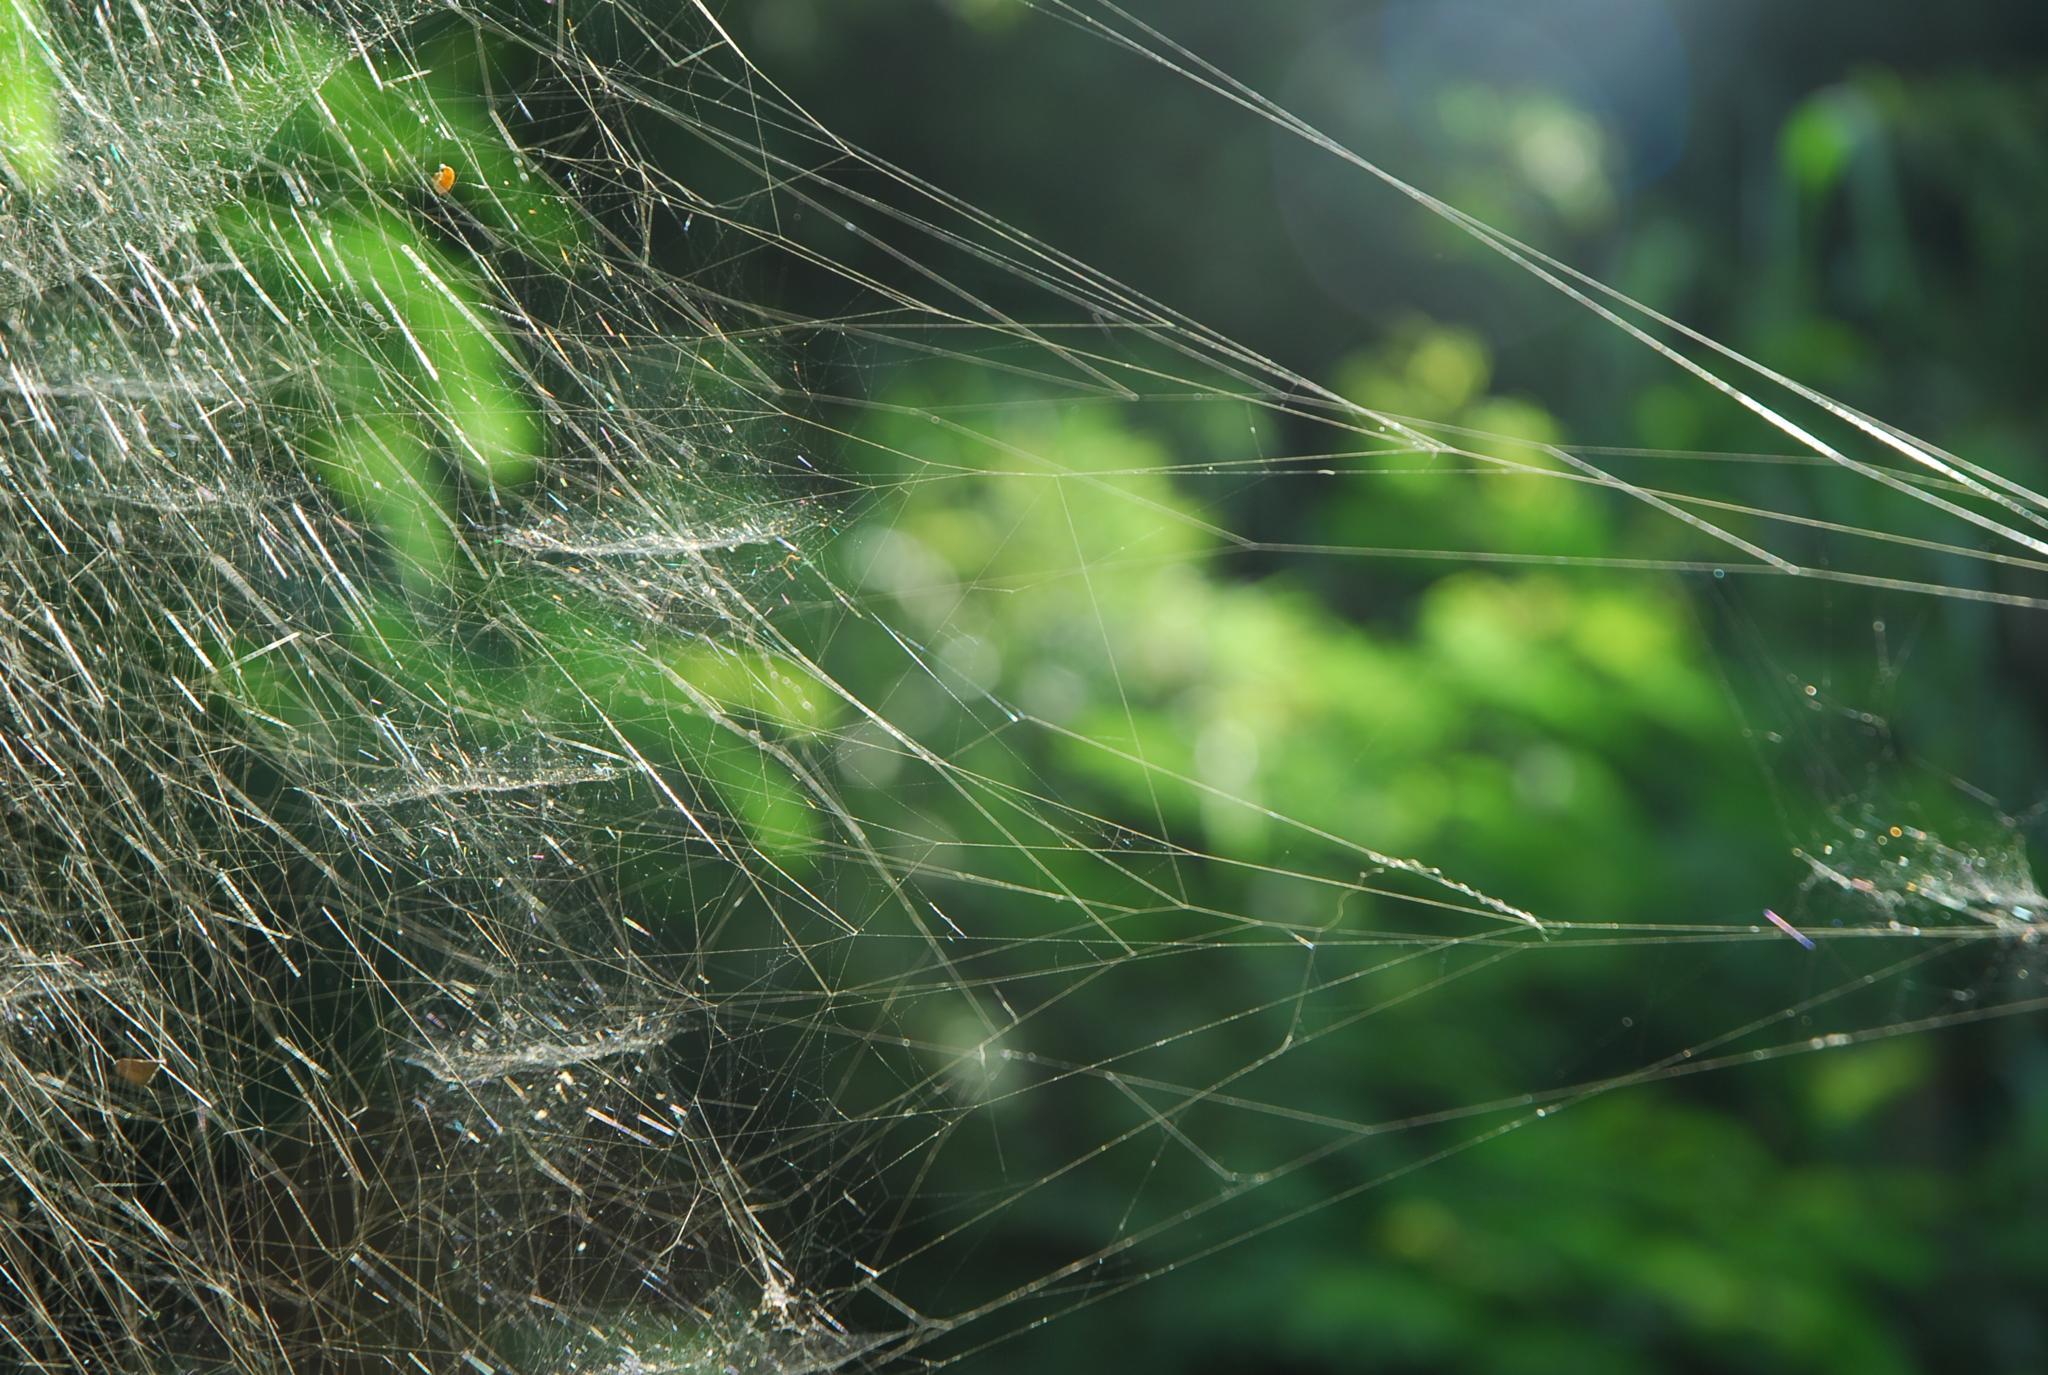 teia de aranha by Eduardo Campanha